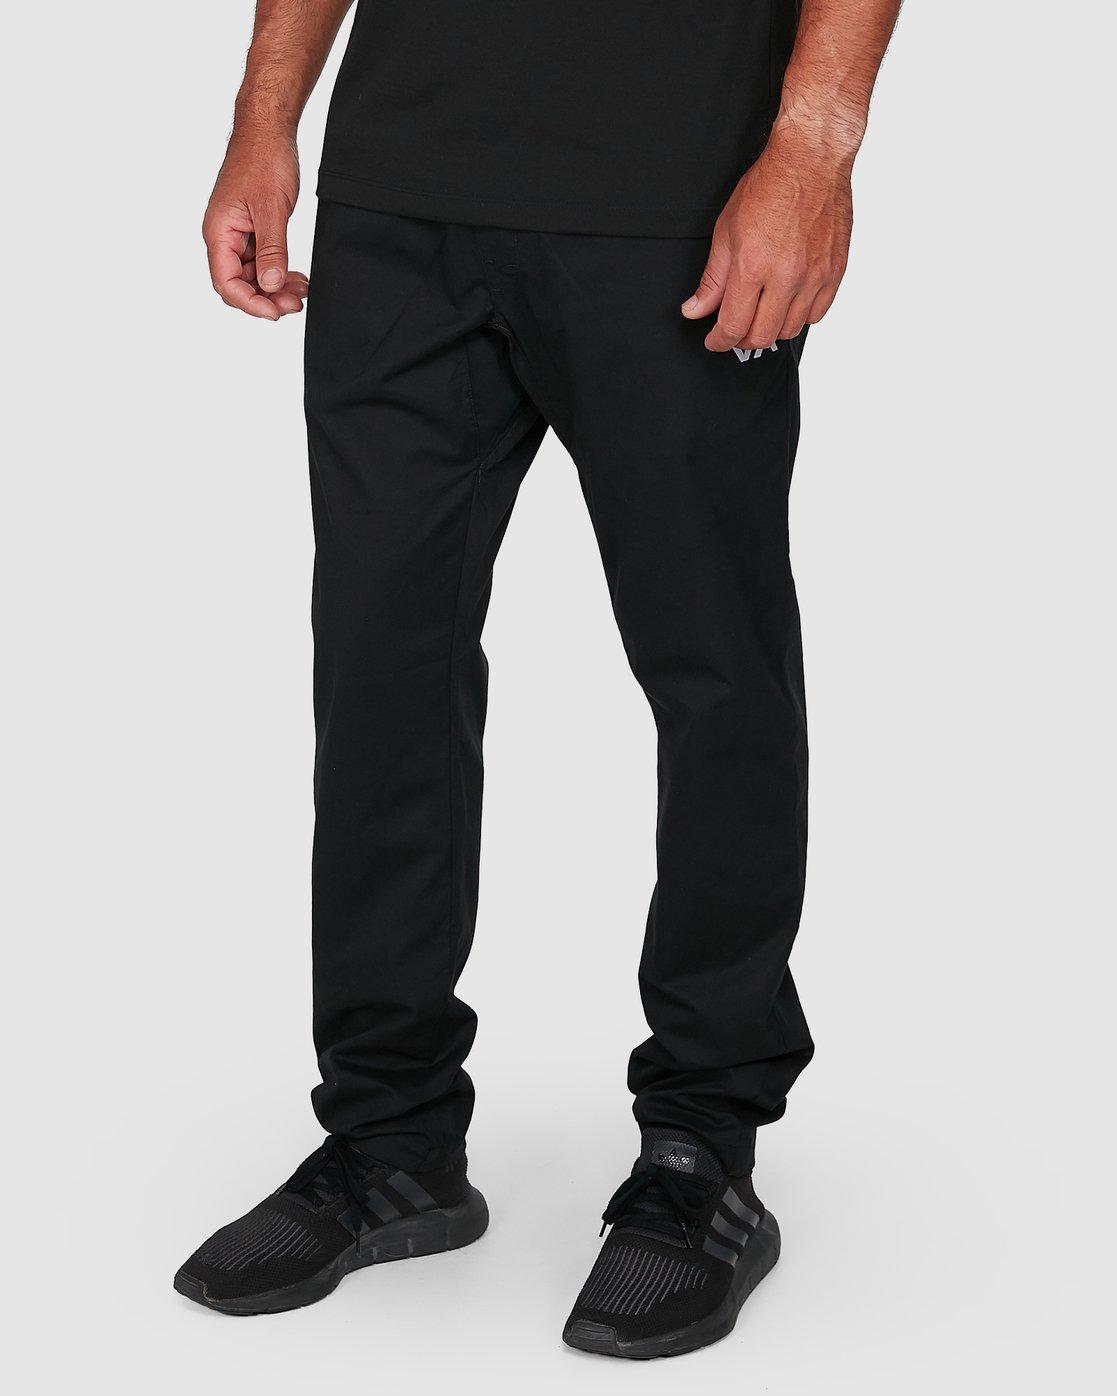 3 Spectrum Iil Pants Black R391274 RVCA